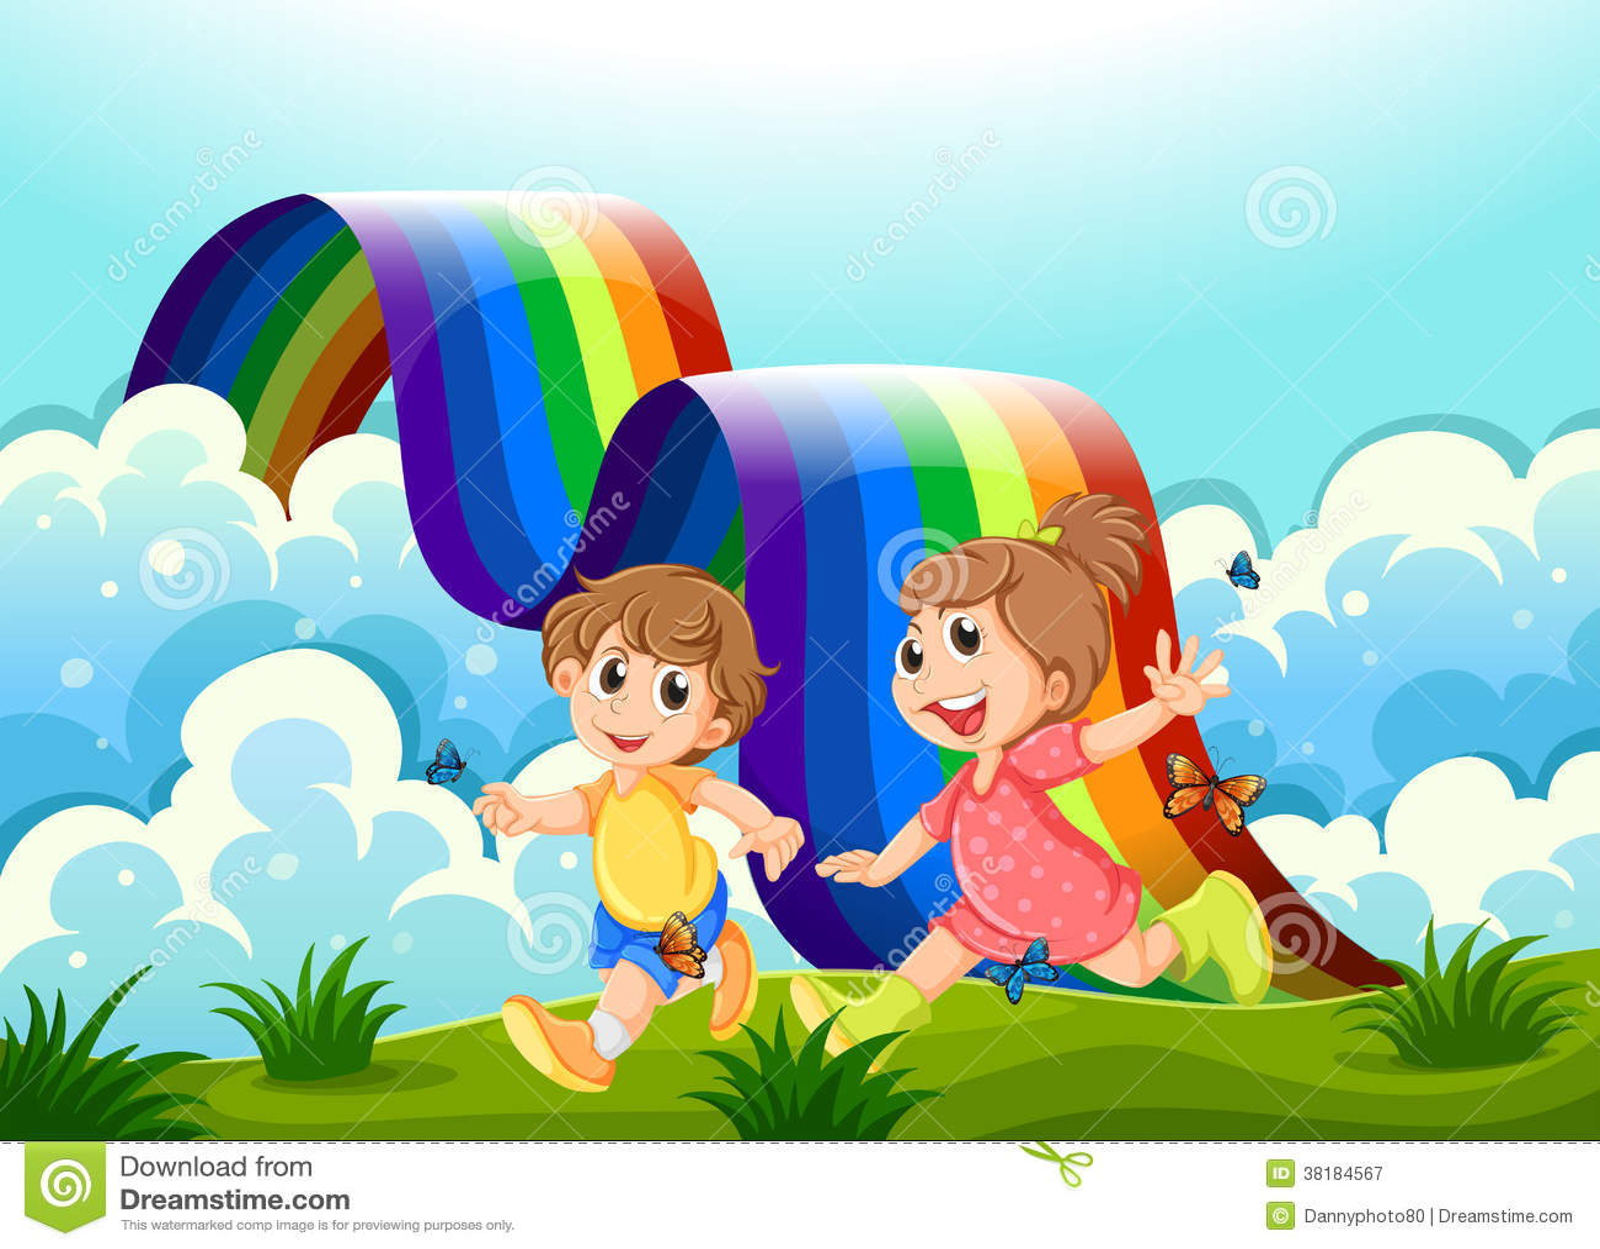 Enfants heureux jouant au sommet avec un arc-en-ciel